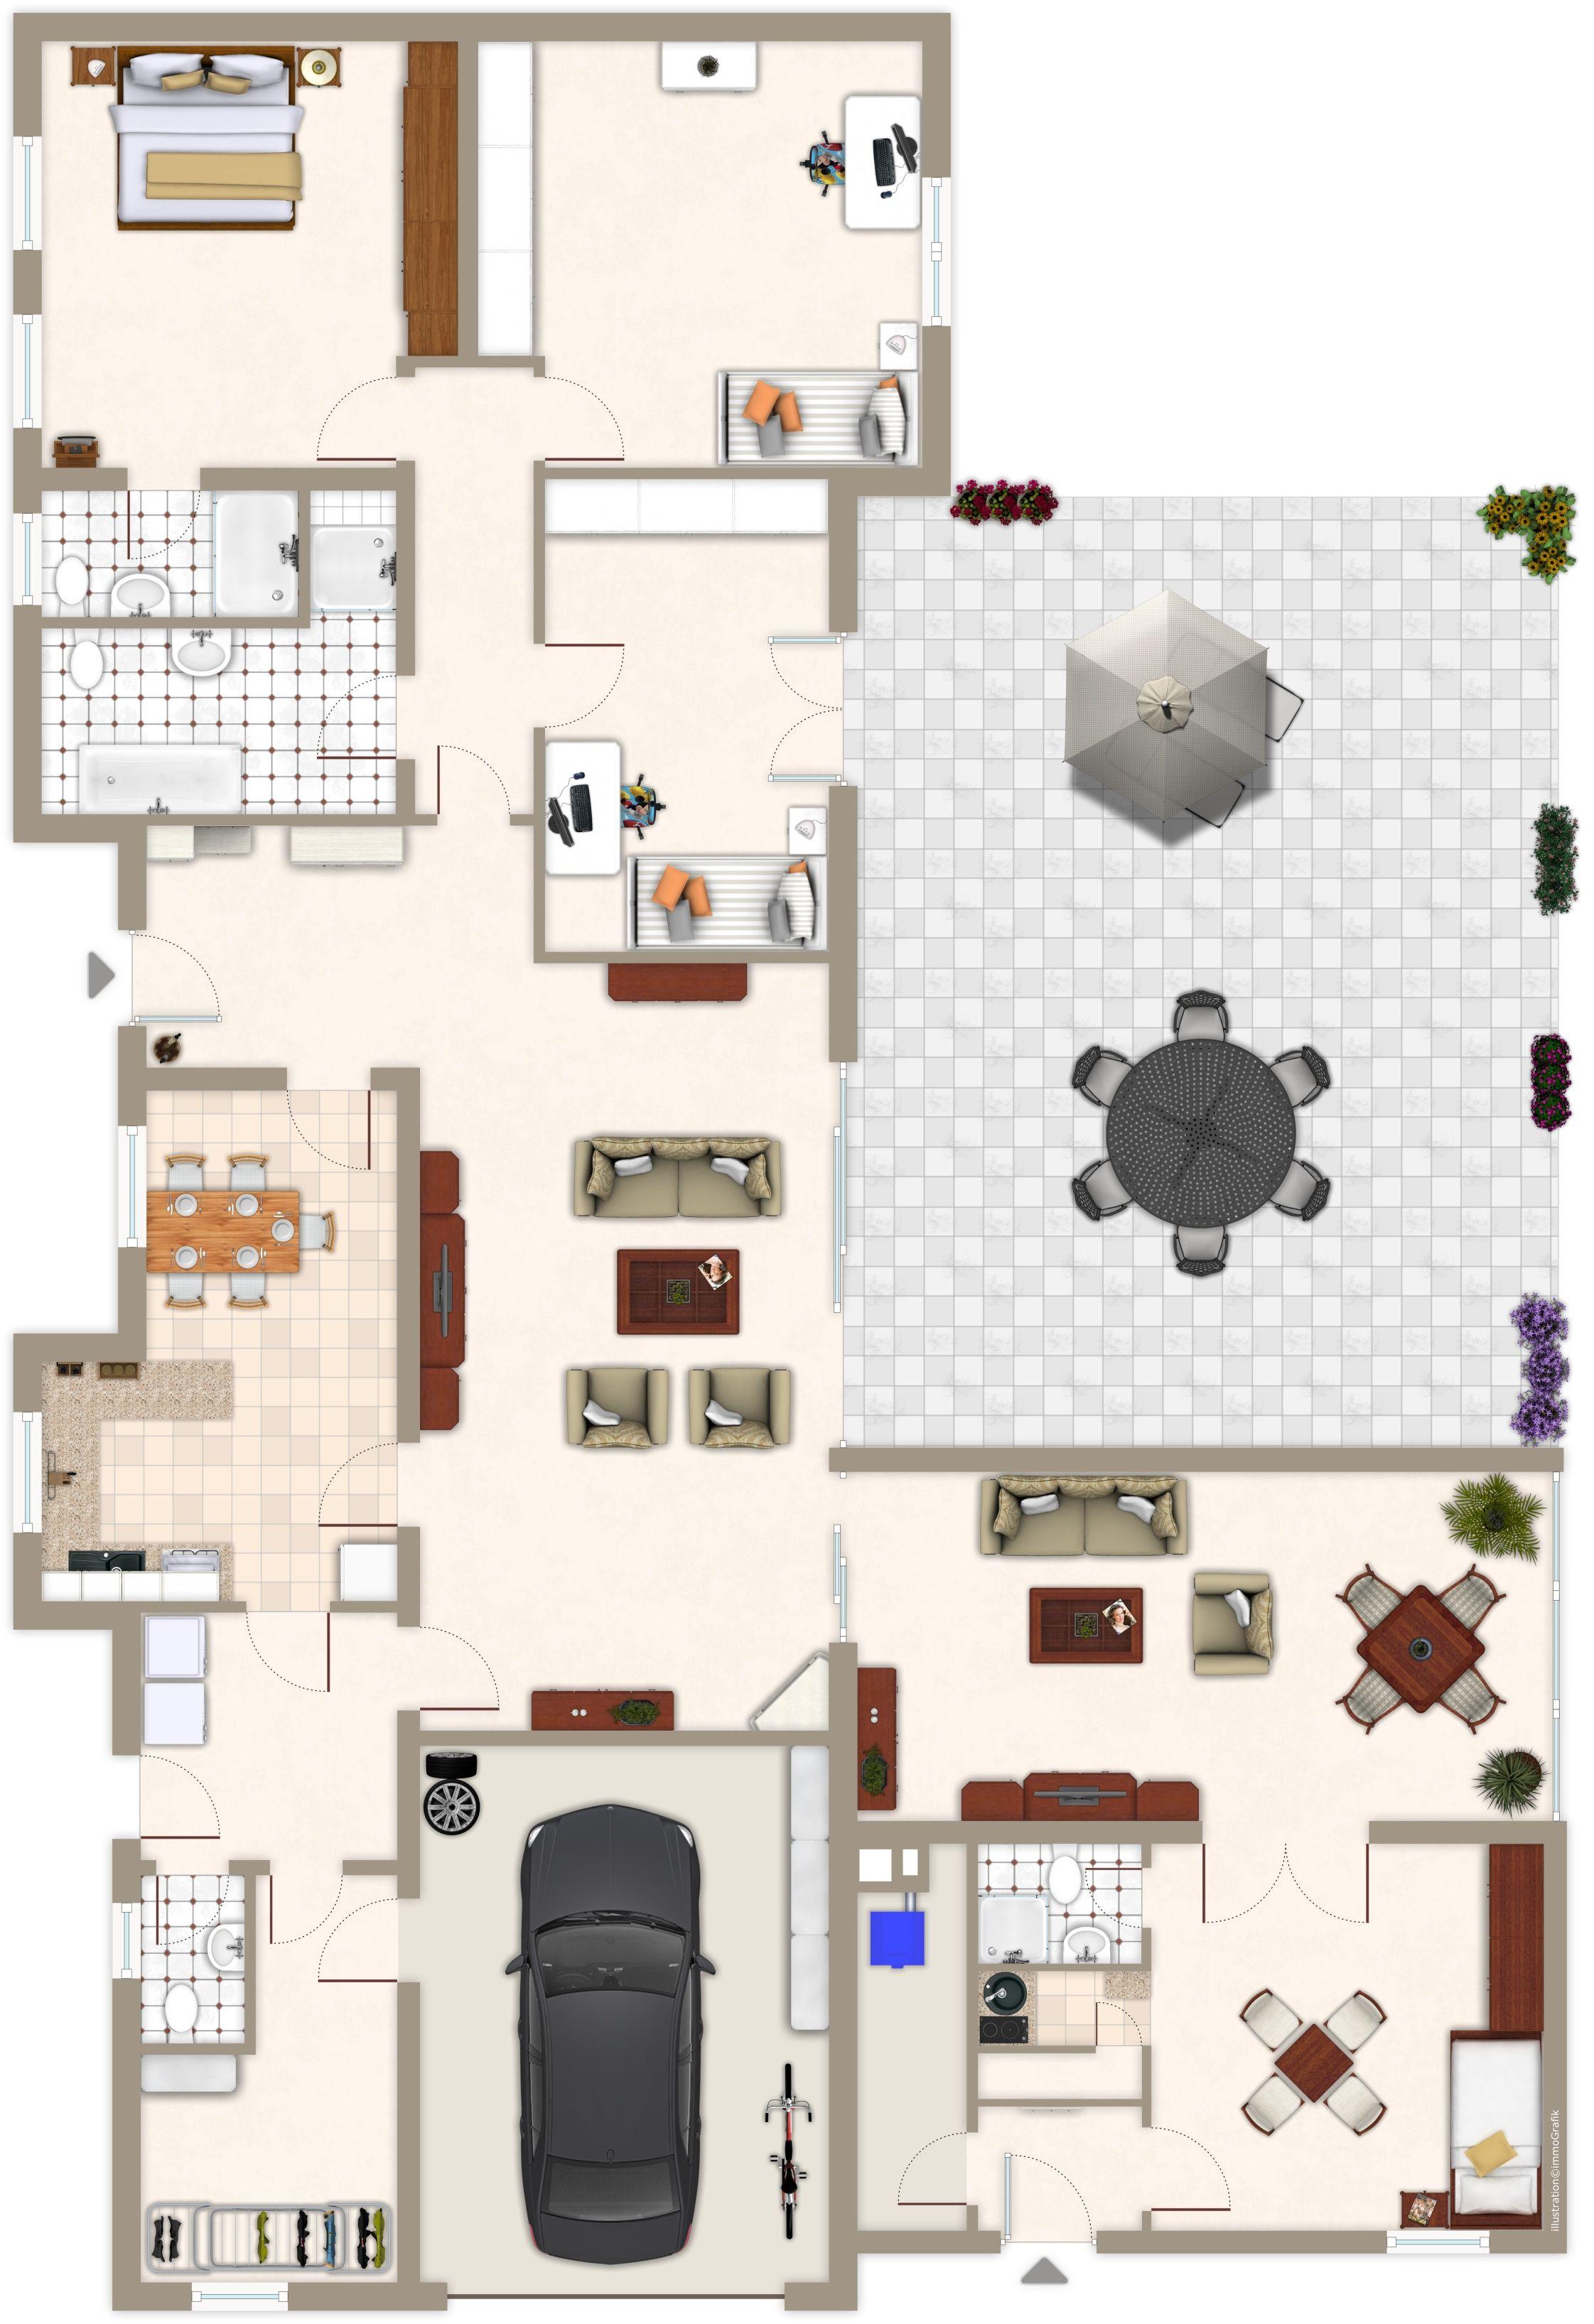 Hauspläne grundrisse  Bildergebnis für hauspläne bungalow grundrisse | Sims4 ...